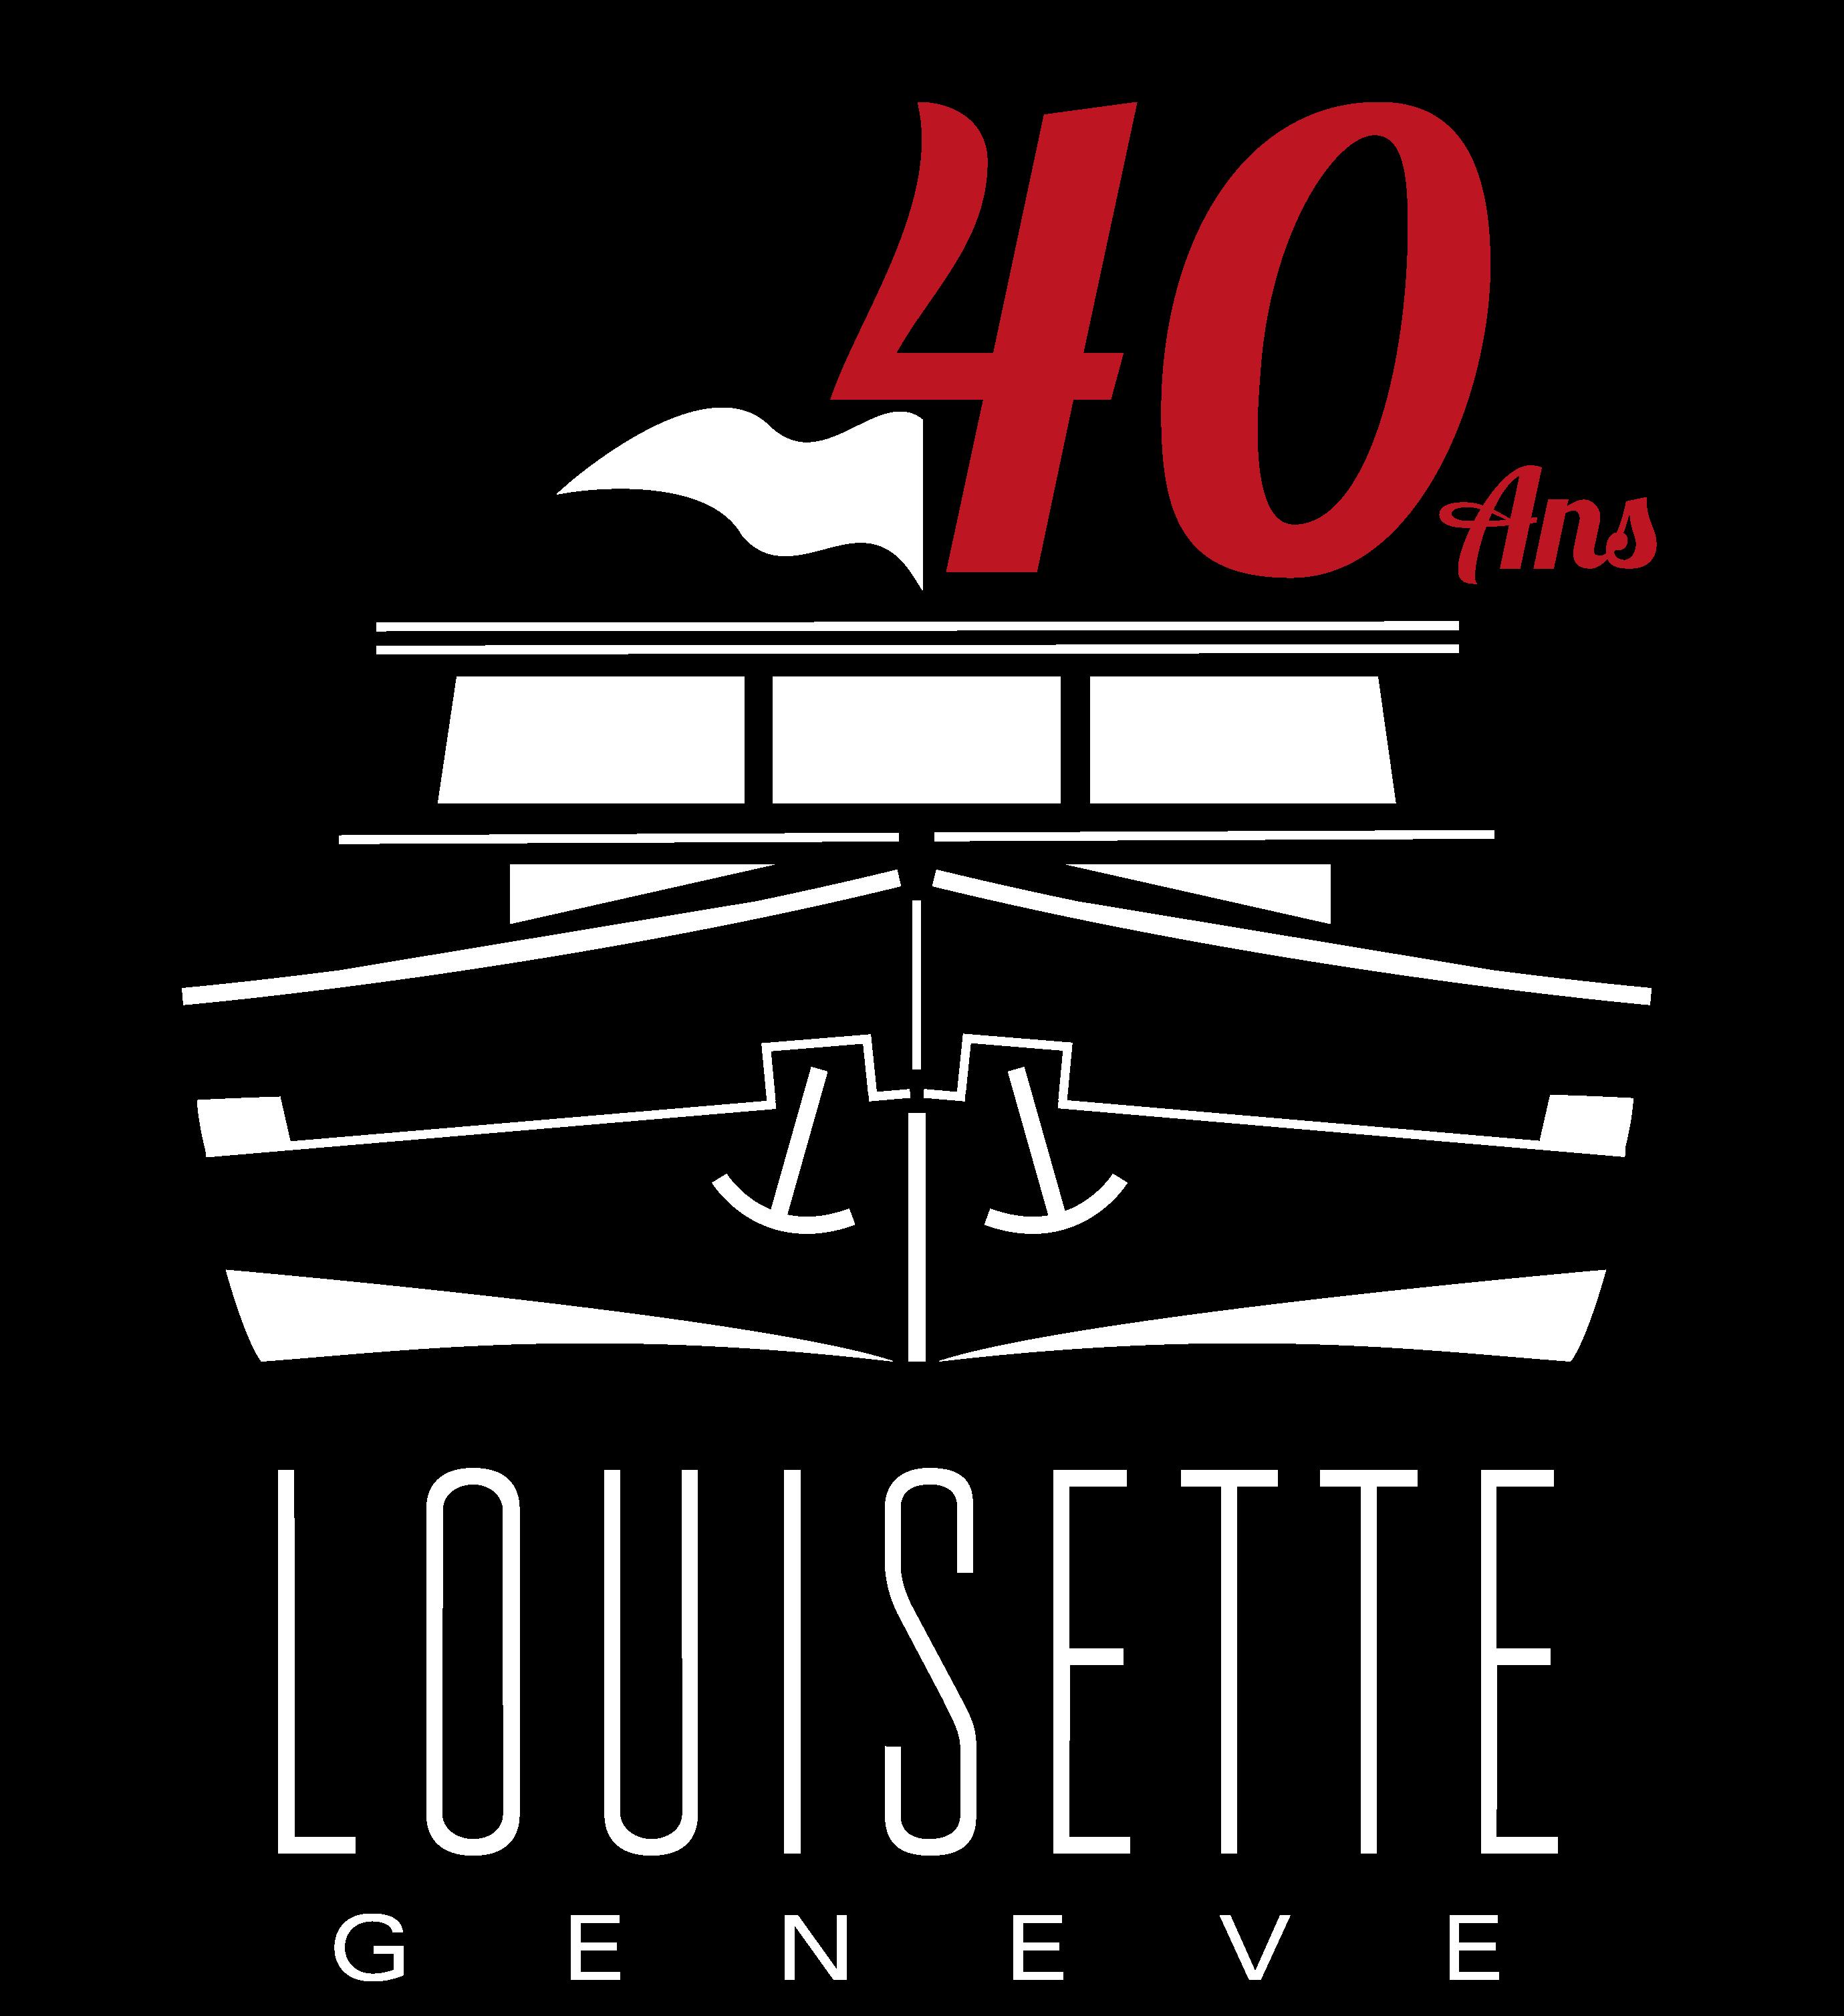 Bateau Louisette